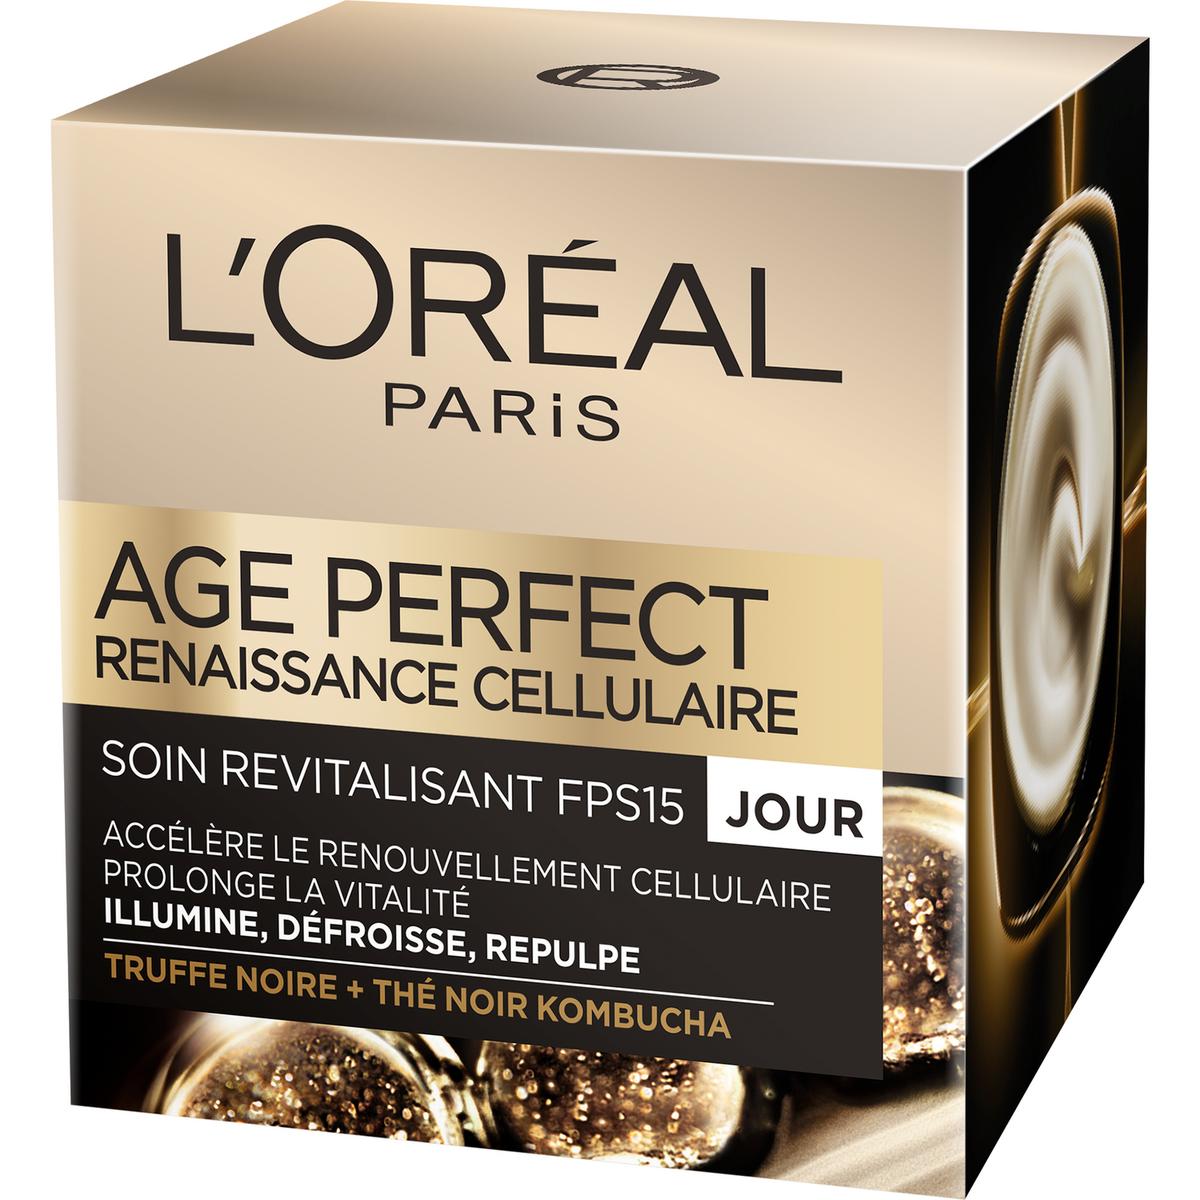 L'Oréal Age Perfect soin de jour revitalisant FPS15 50ml